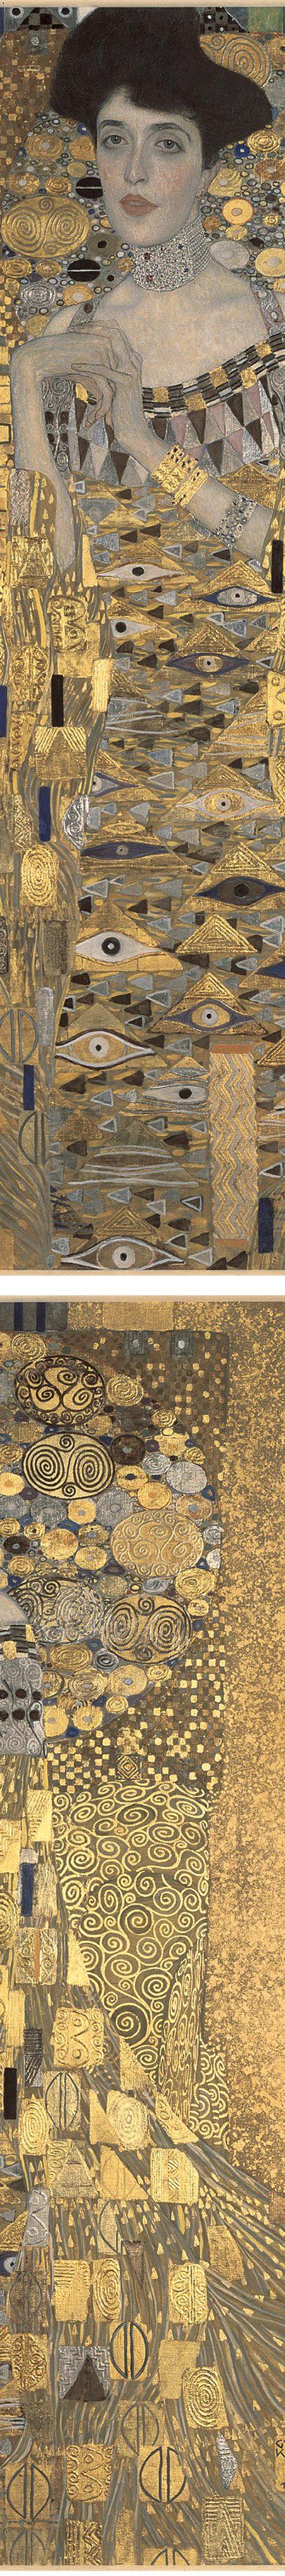 Portrait of Adele Bloch-Bauer (detaile), Gustav Klimt